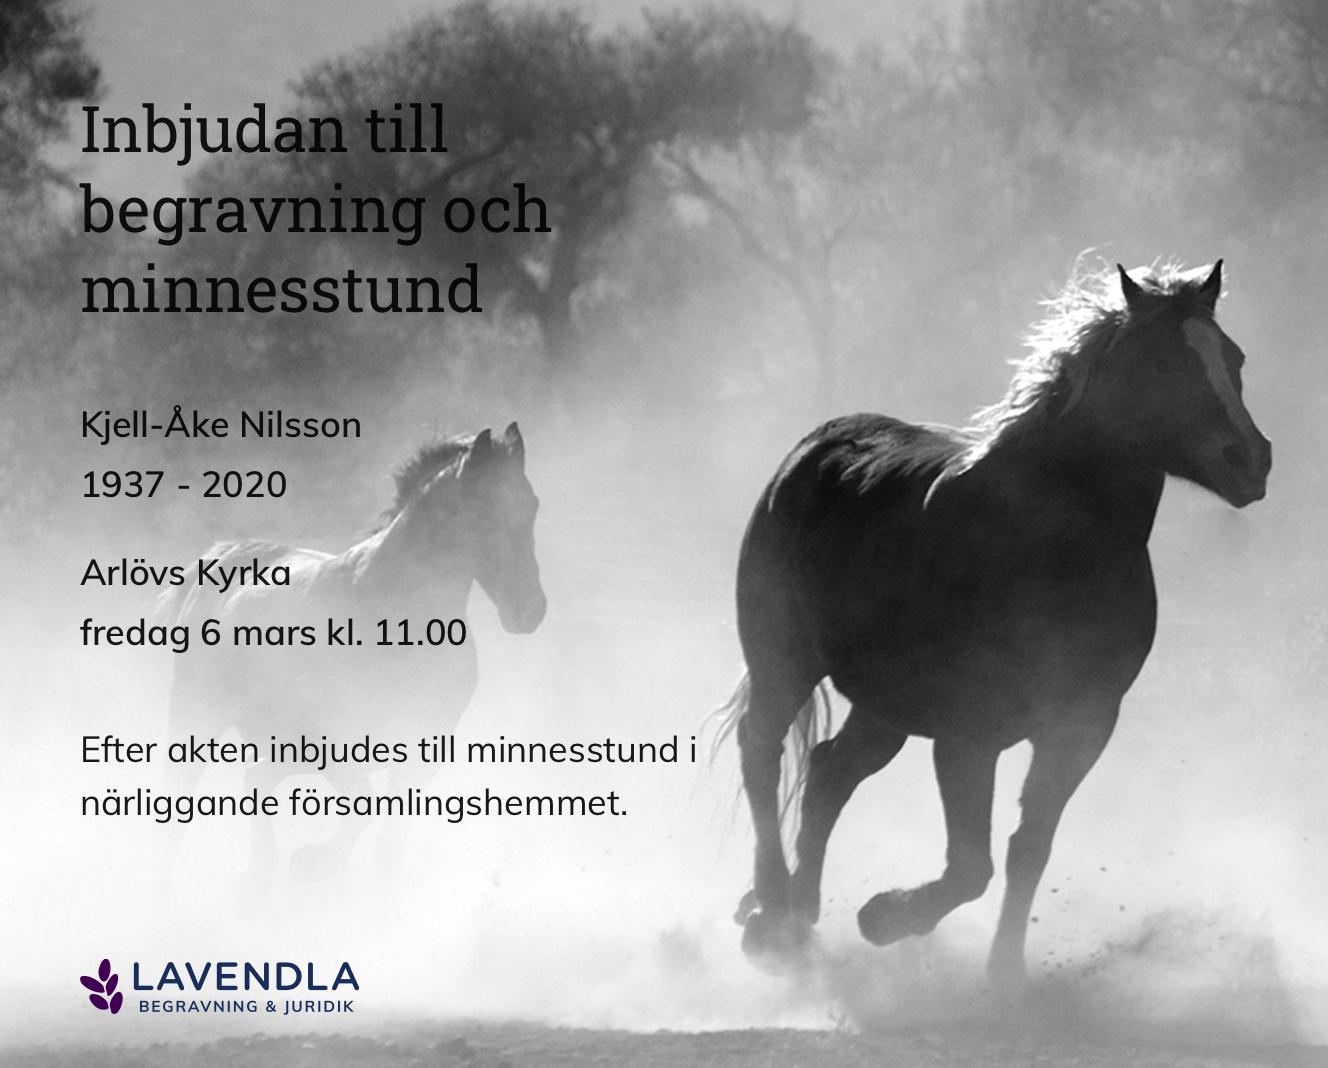 Inbjudningskort till ceremonin för Kjell-Åke Nilsson